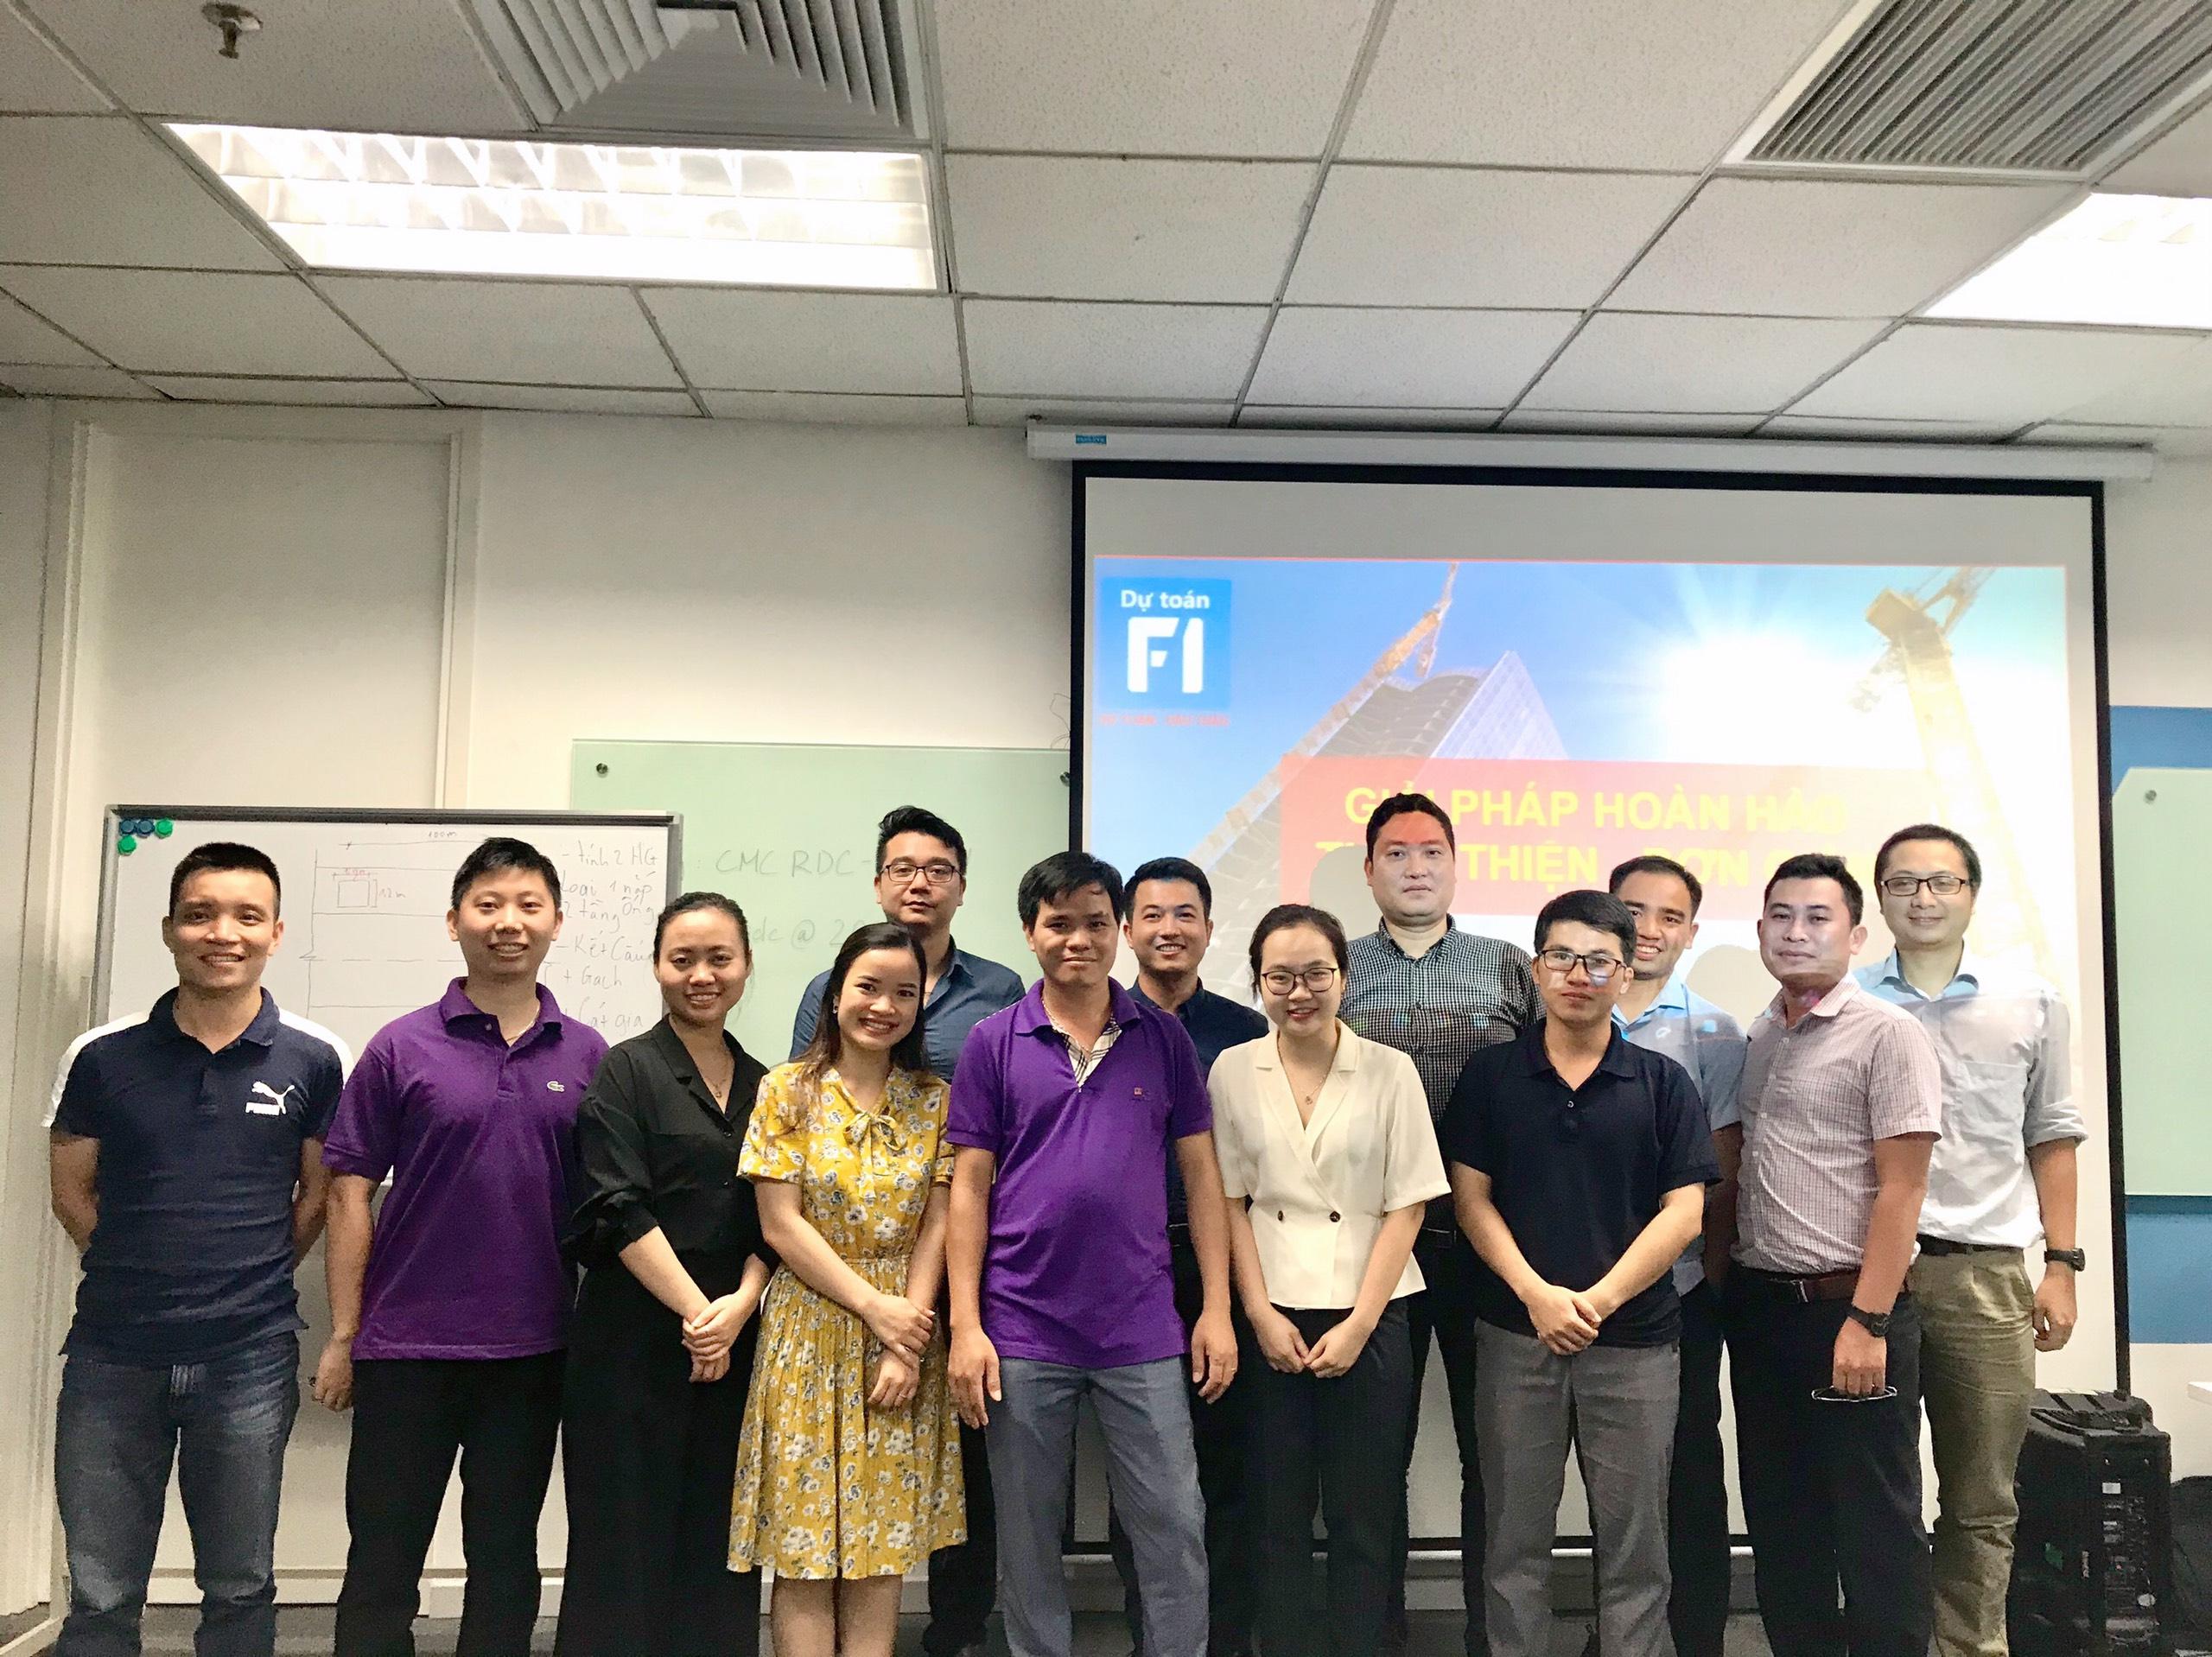 Đào tạo dự toán theo yêu cầu cho Doanh nghiệp tại công ty Viễn thông CMC tại Hà Nội